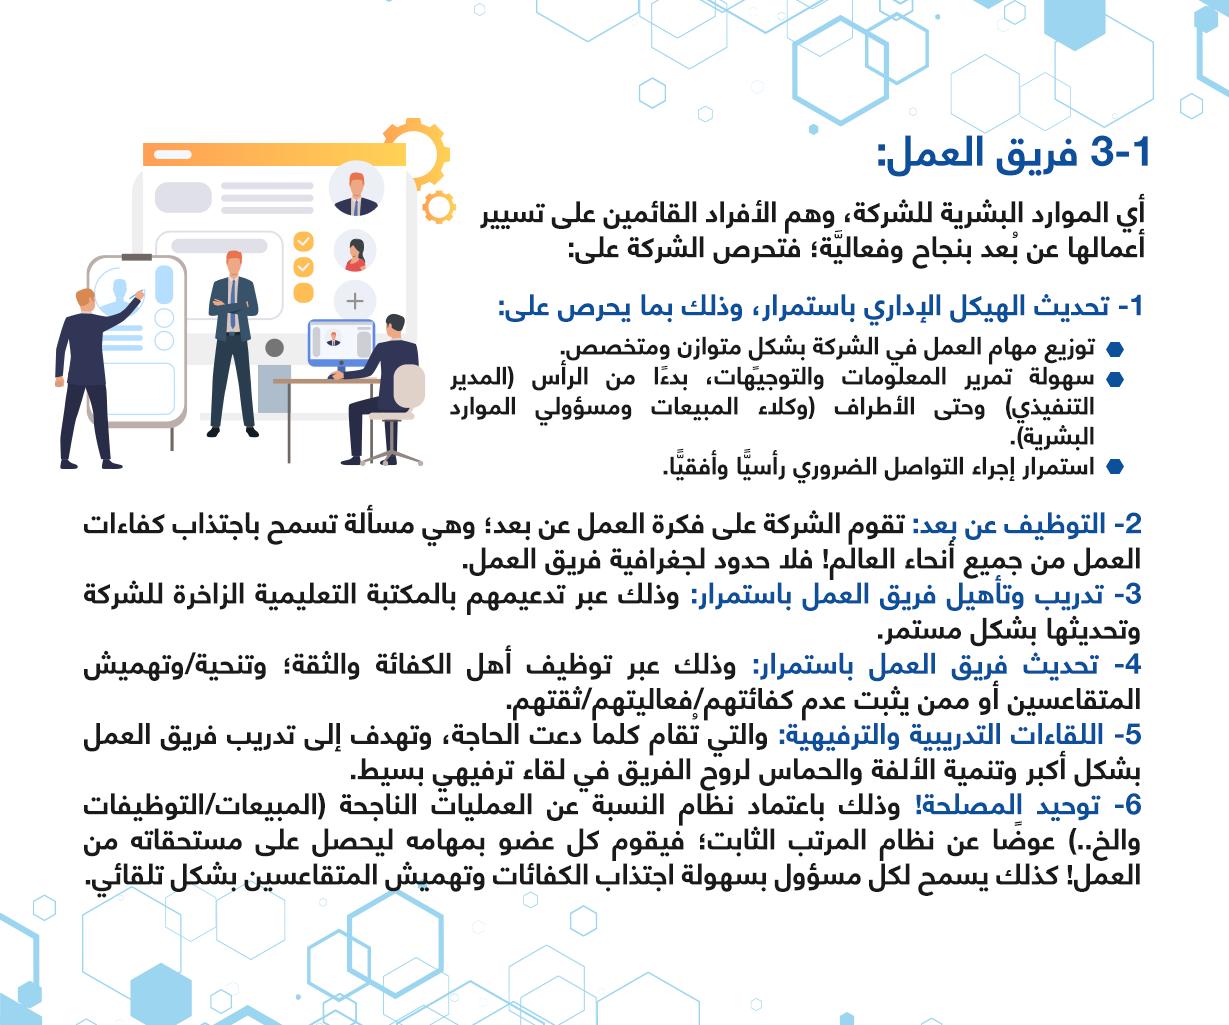 فريق العمل بفرانشيز المركز العربي للخدمات الإلكترونية - ACFE-S